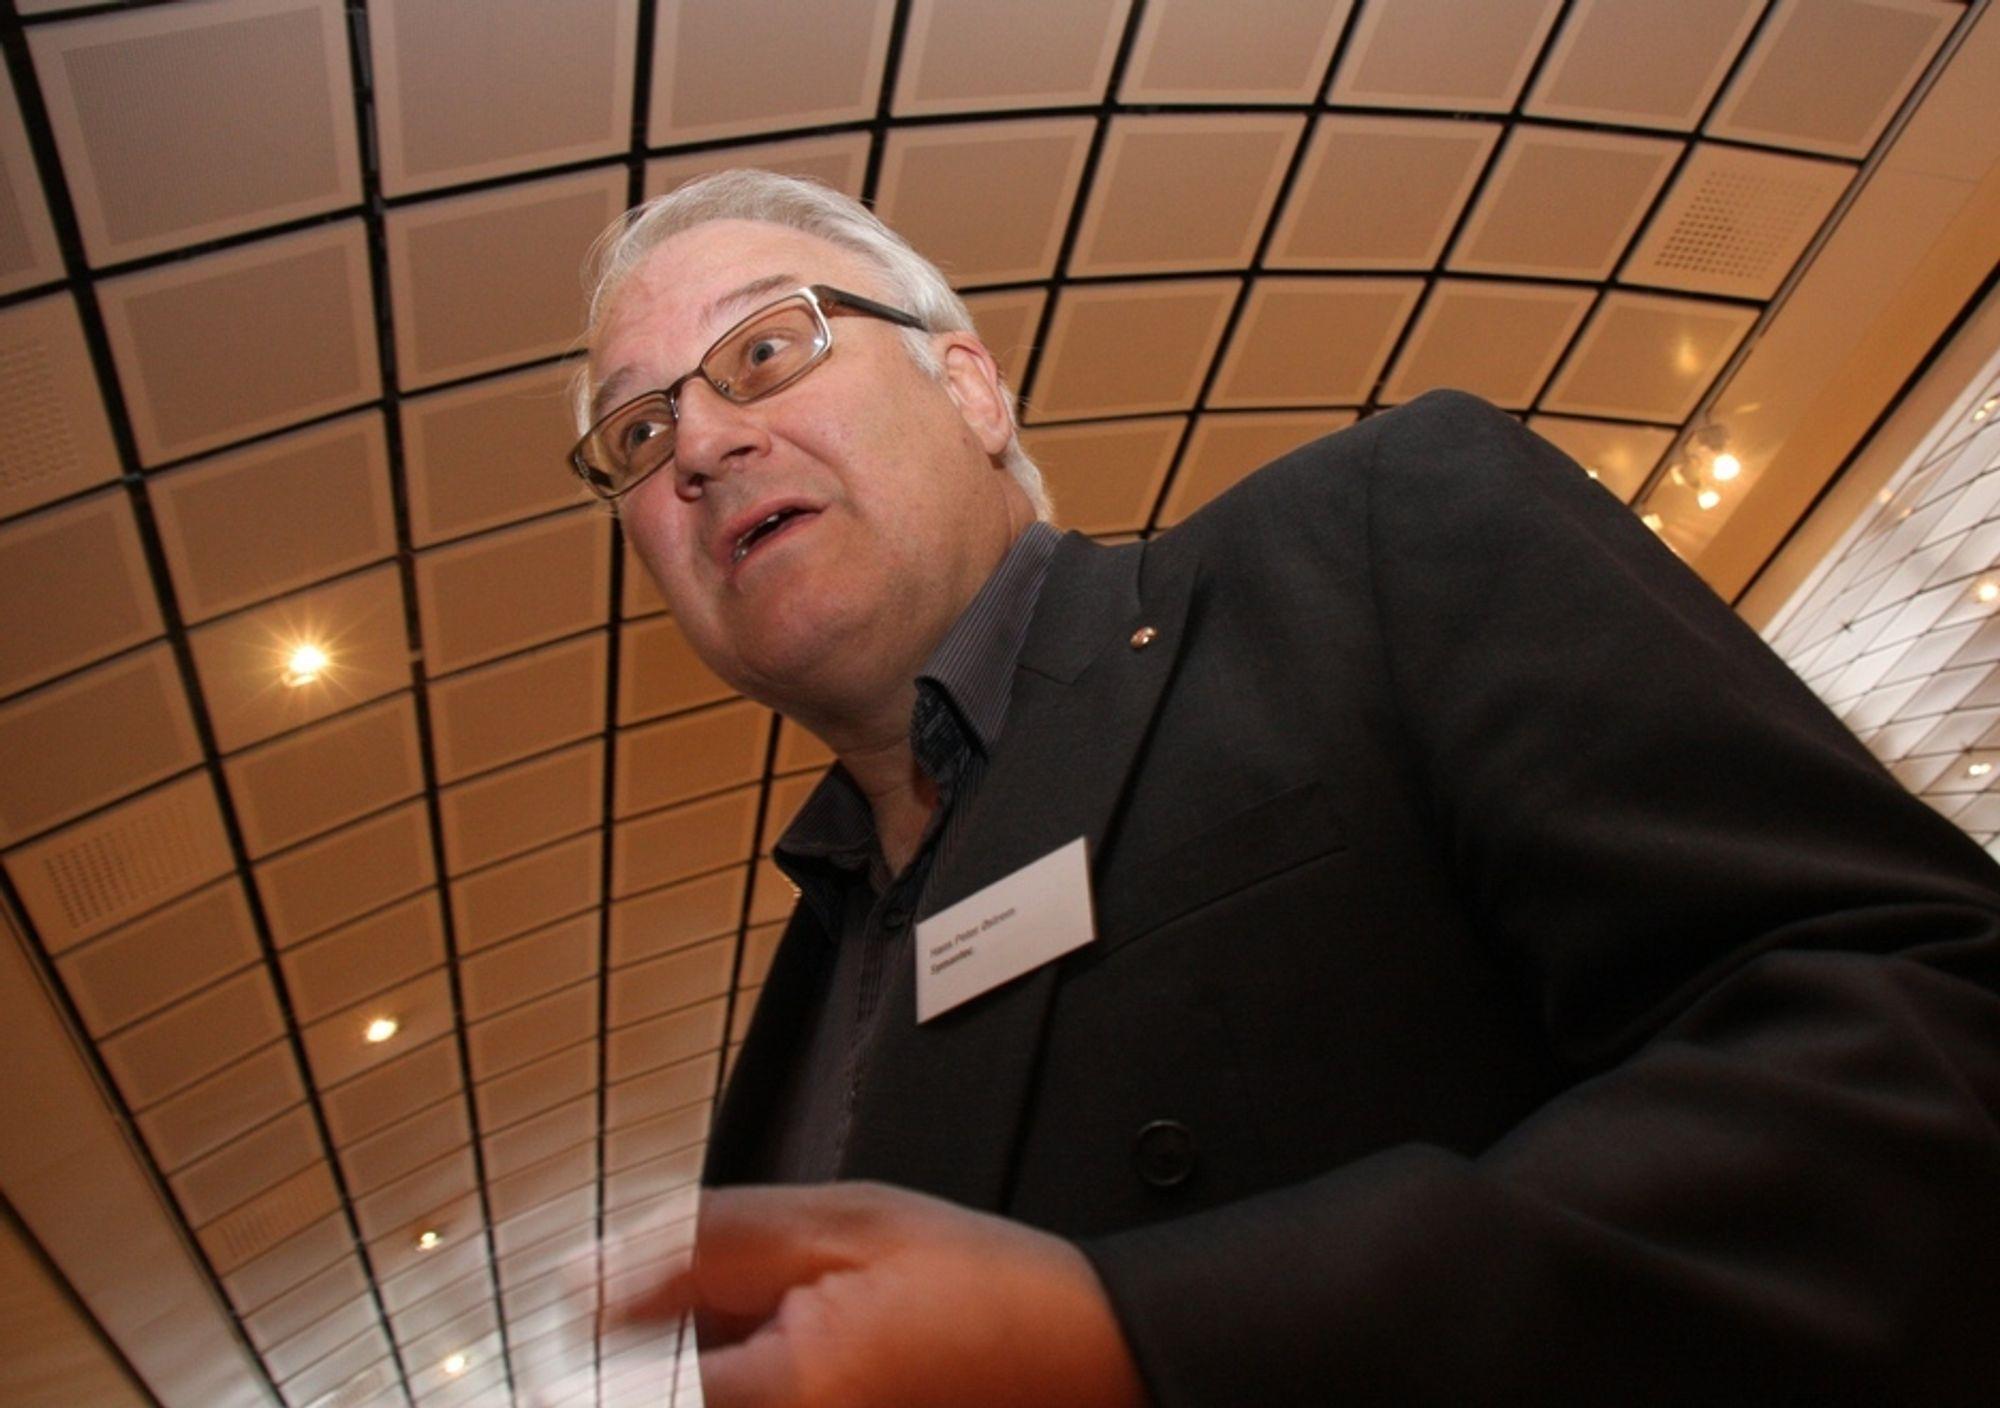 NUMMER ÉN: Flere bedrifter har som viktigste it-prioritet å sikre konfidensiell informasjon, sier Symantecs Hans Peter Østrem.